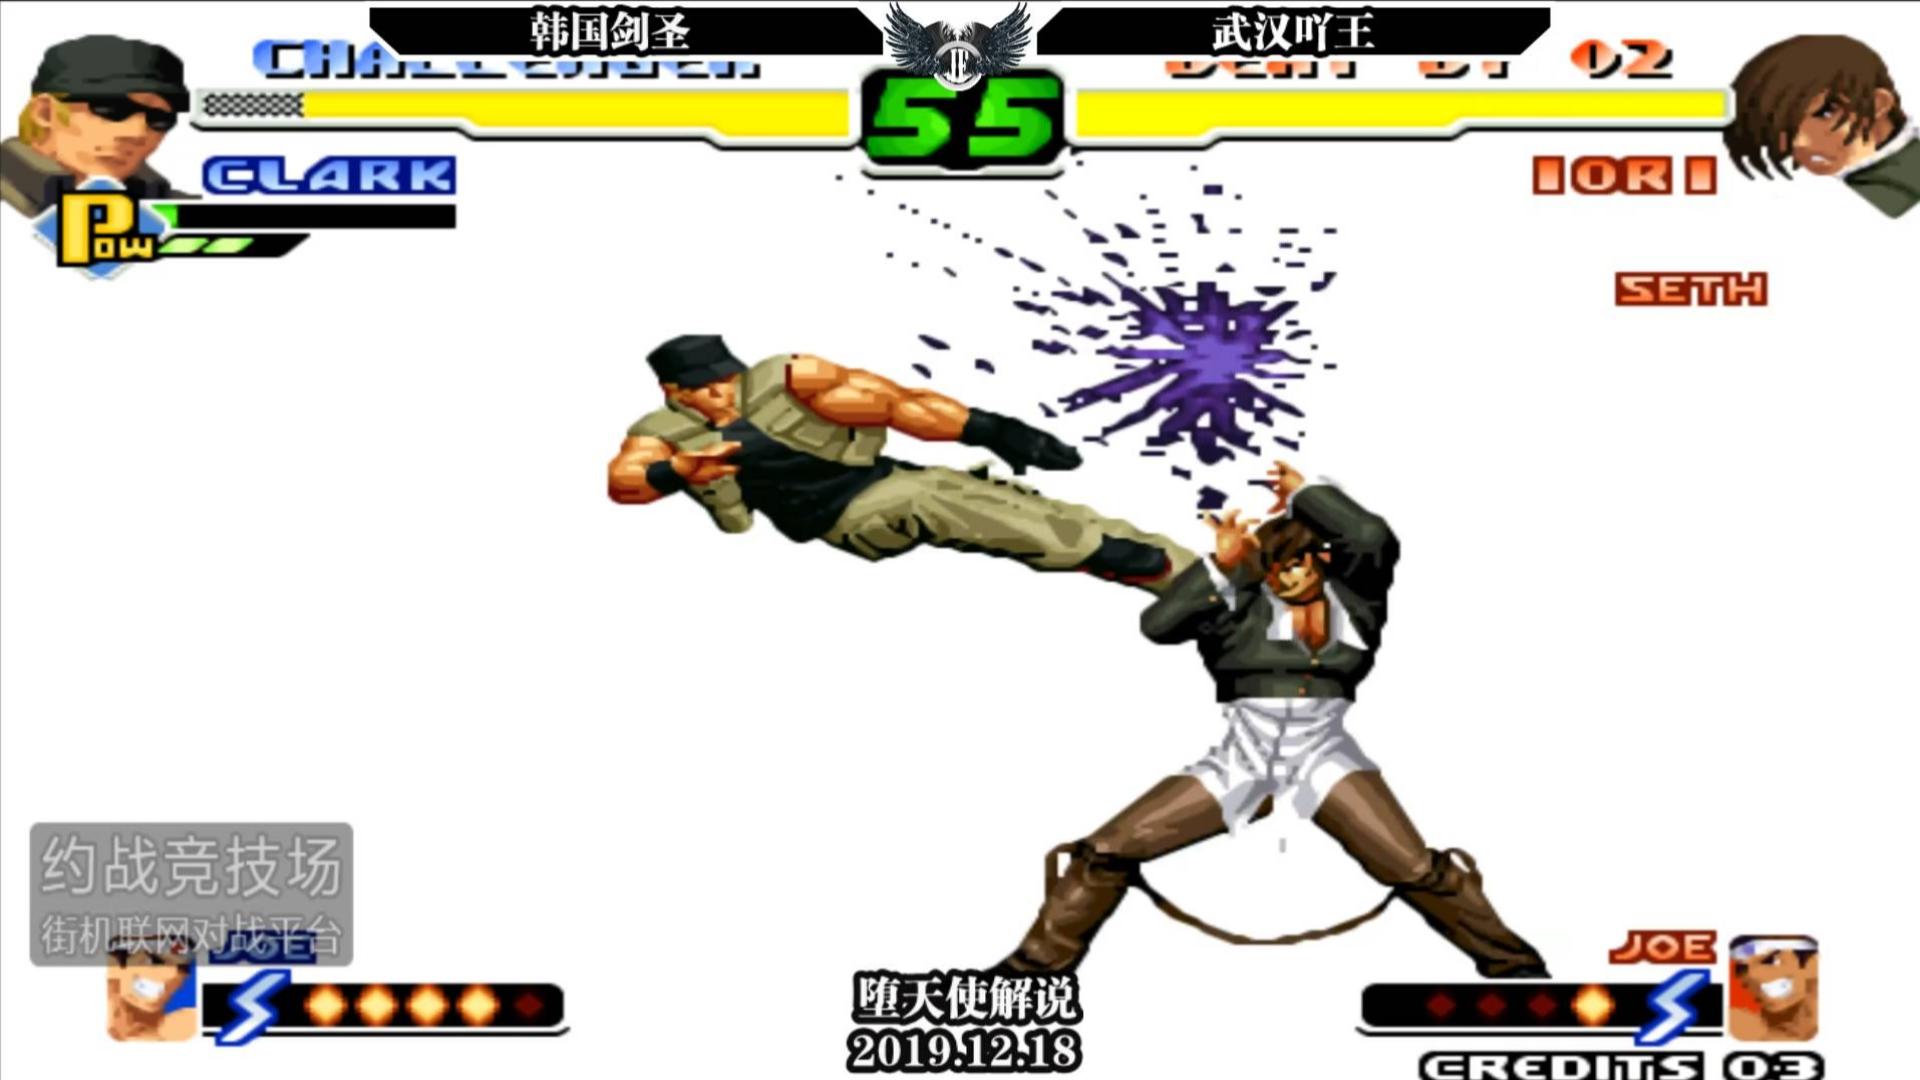 拳皇2000 吖王八神的打法只能用暴力来形容